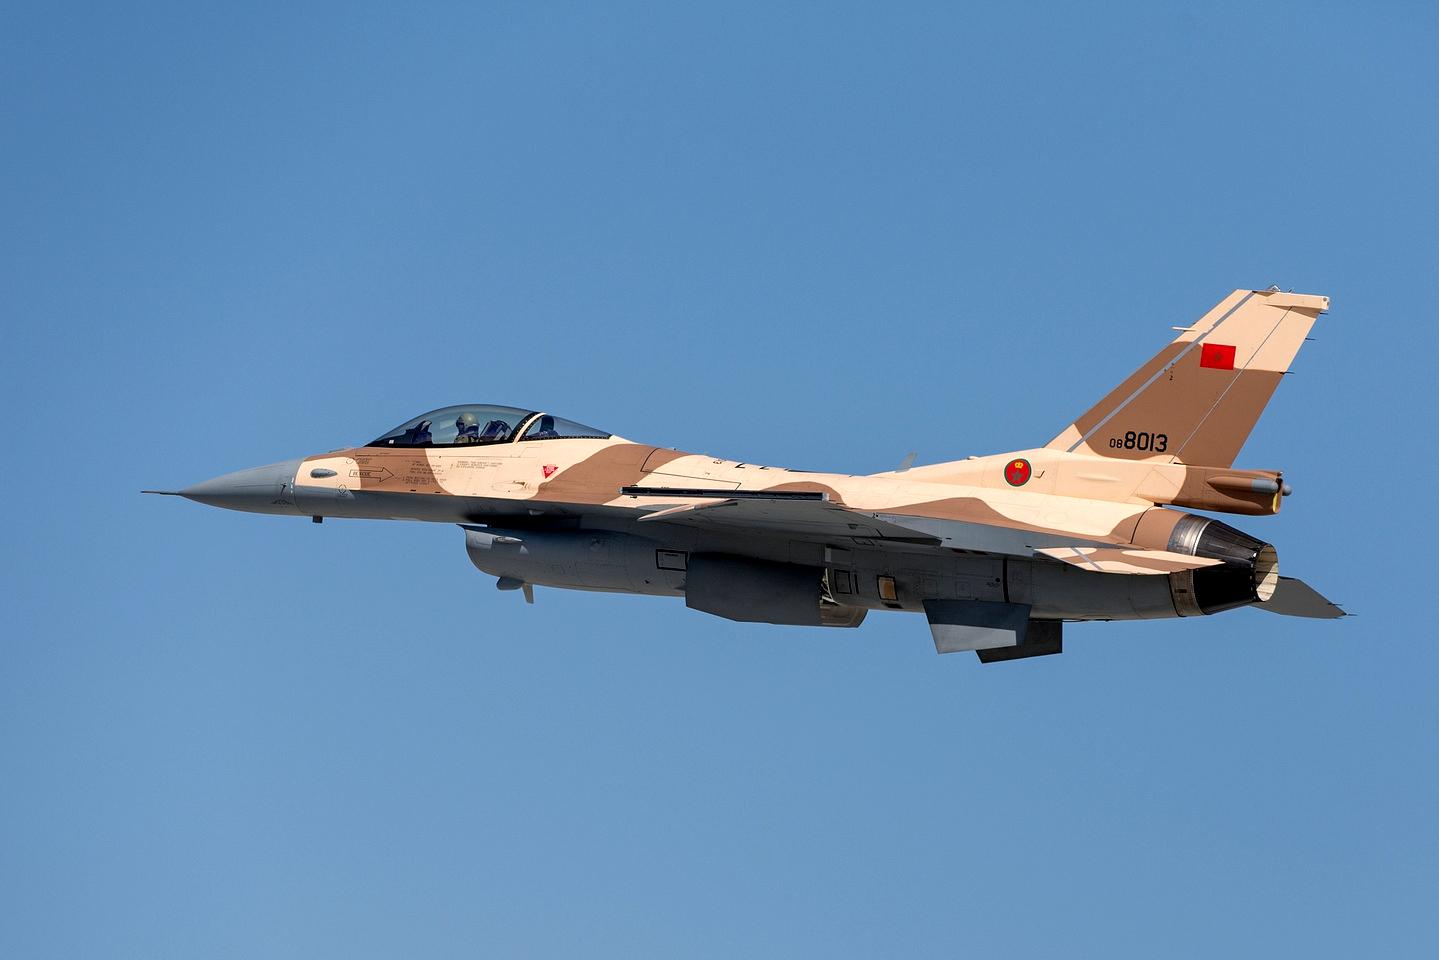 القوات الجوية الملكية المغربية - متجدد - - صفحة 2 151217035147253544